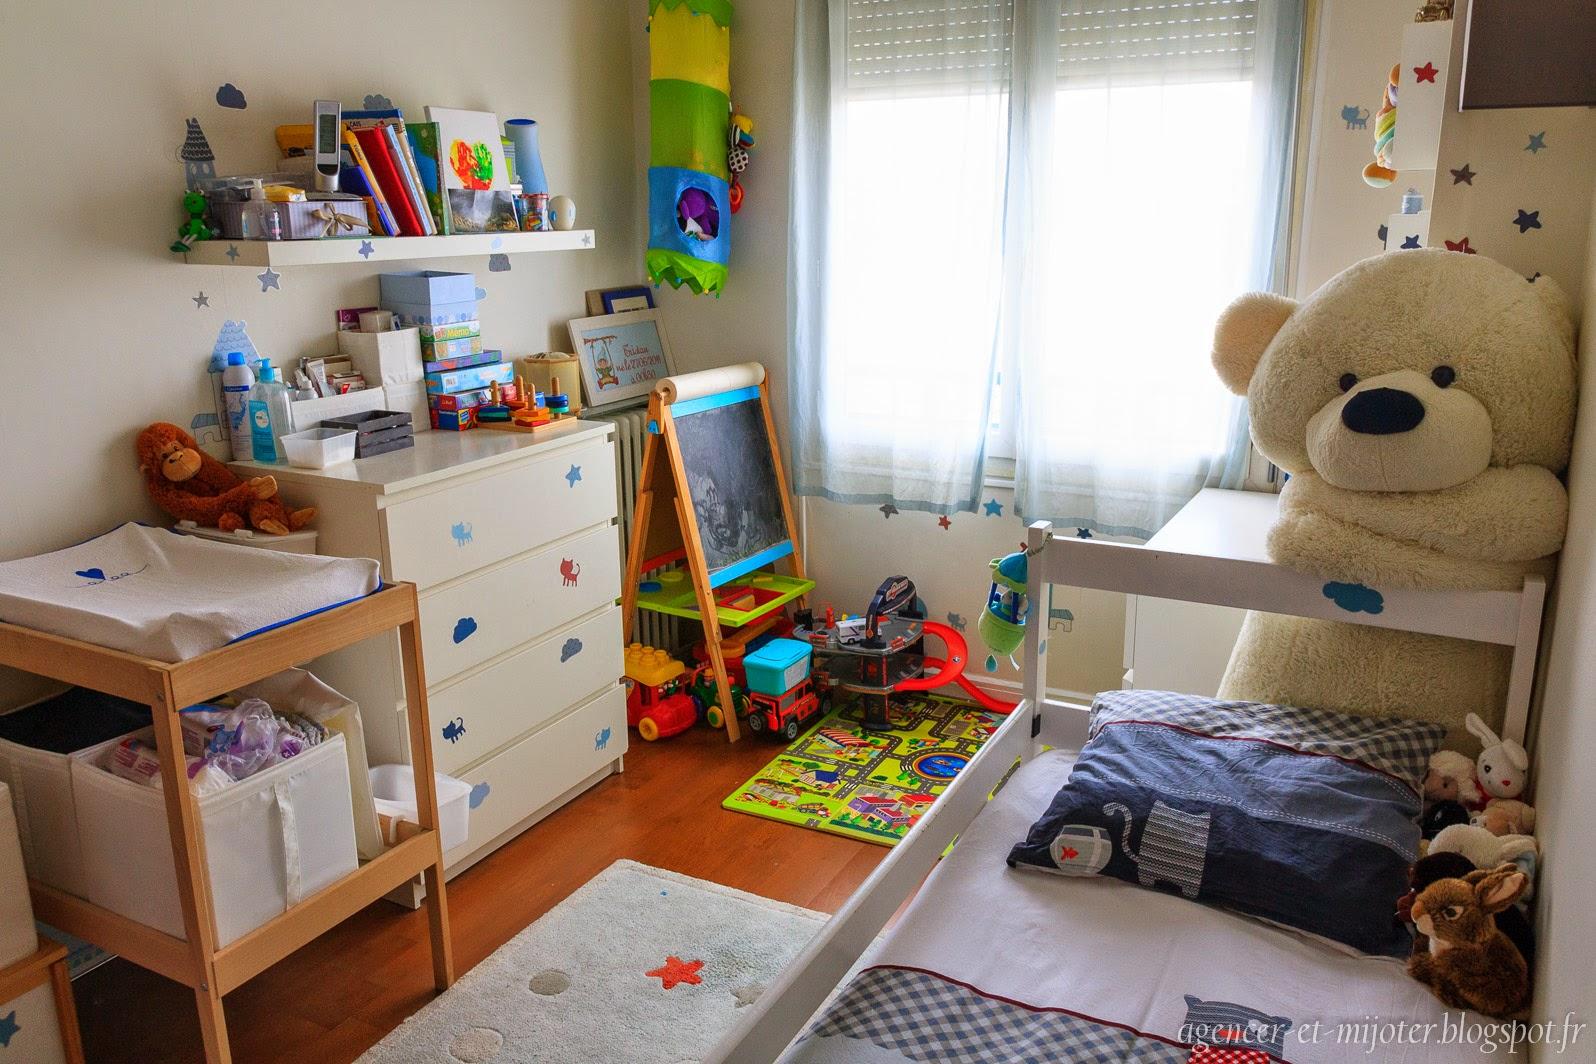 Agencer et mijoter: idée déco : réorganiser une chambre pour l ...